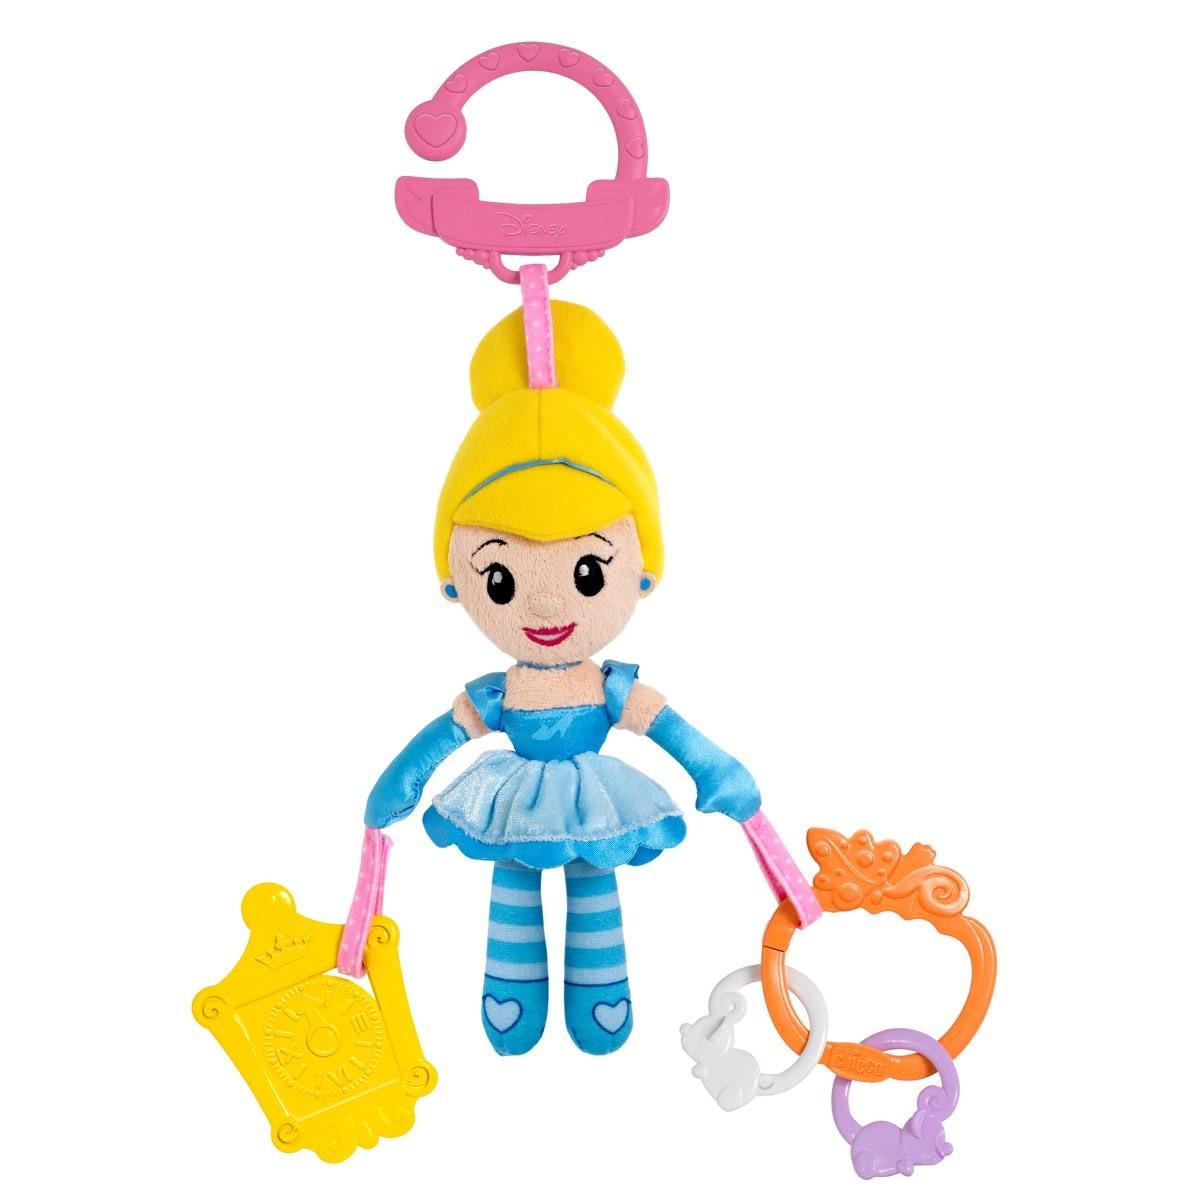 Мягкая подвесная игрушка для коляски  Золушка - Развивающая дуга. Игрушки на коляску и кроватку, артикул: 143482